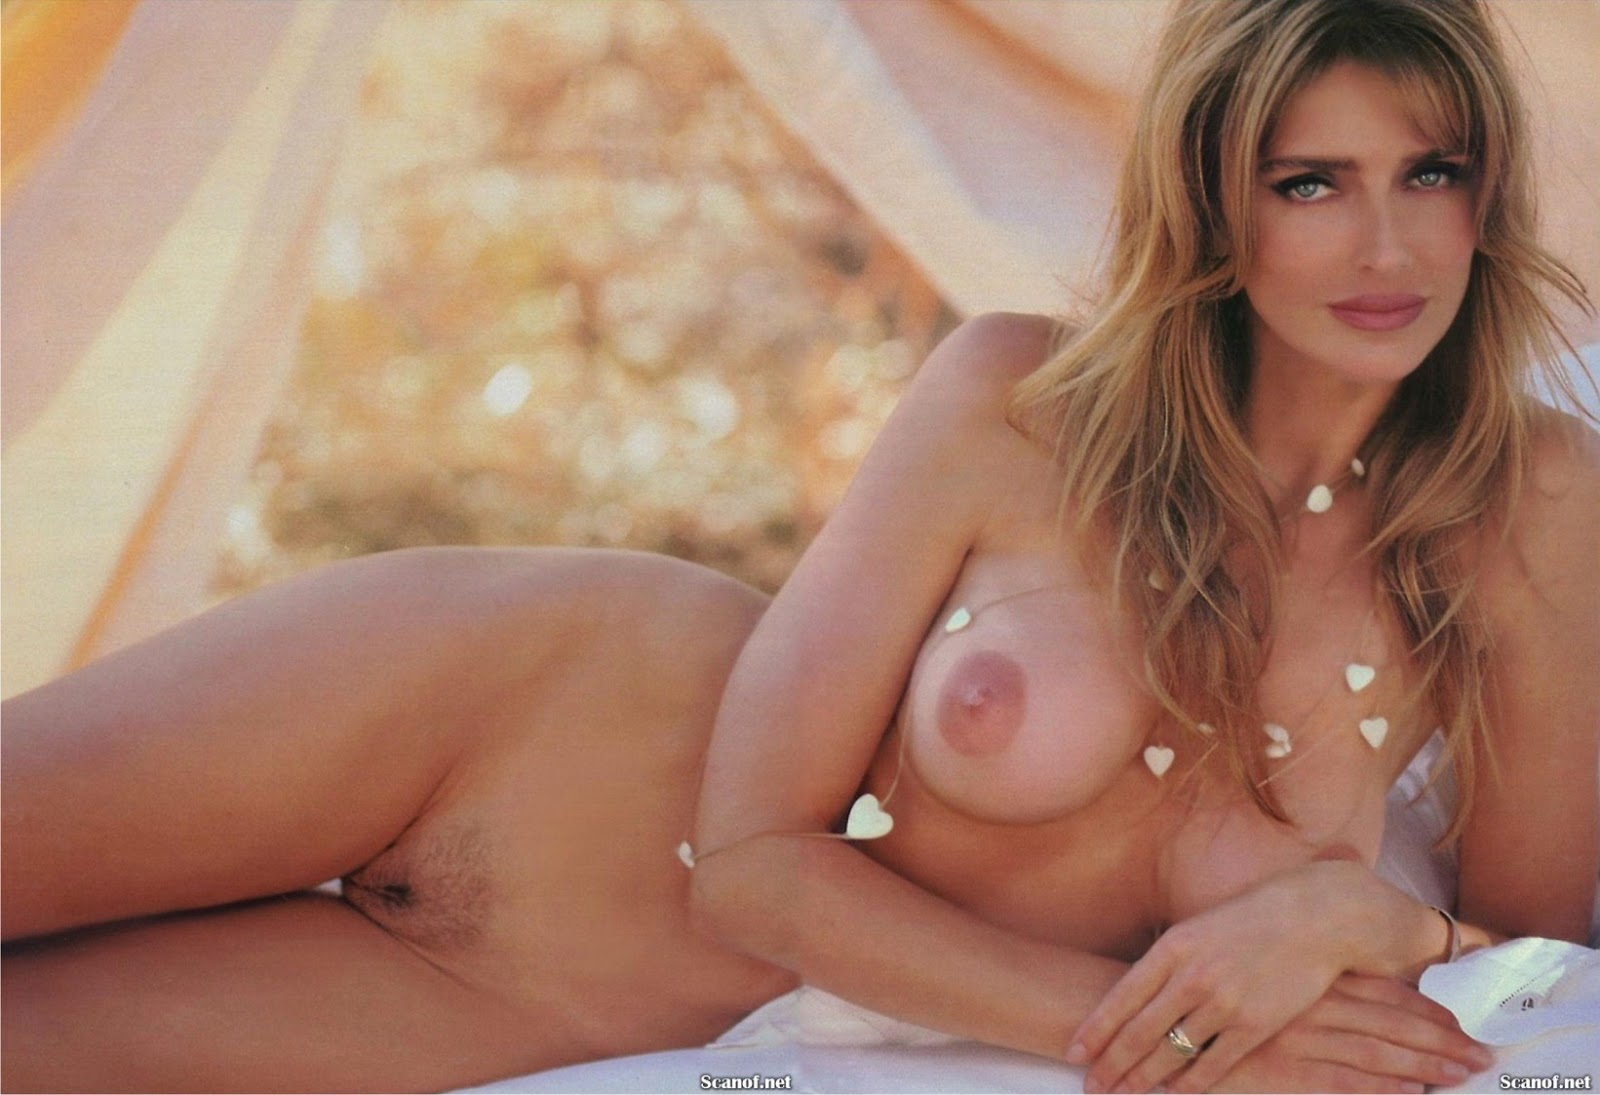 Шакира порно бесплатное смотреть онлайн 11 фотография